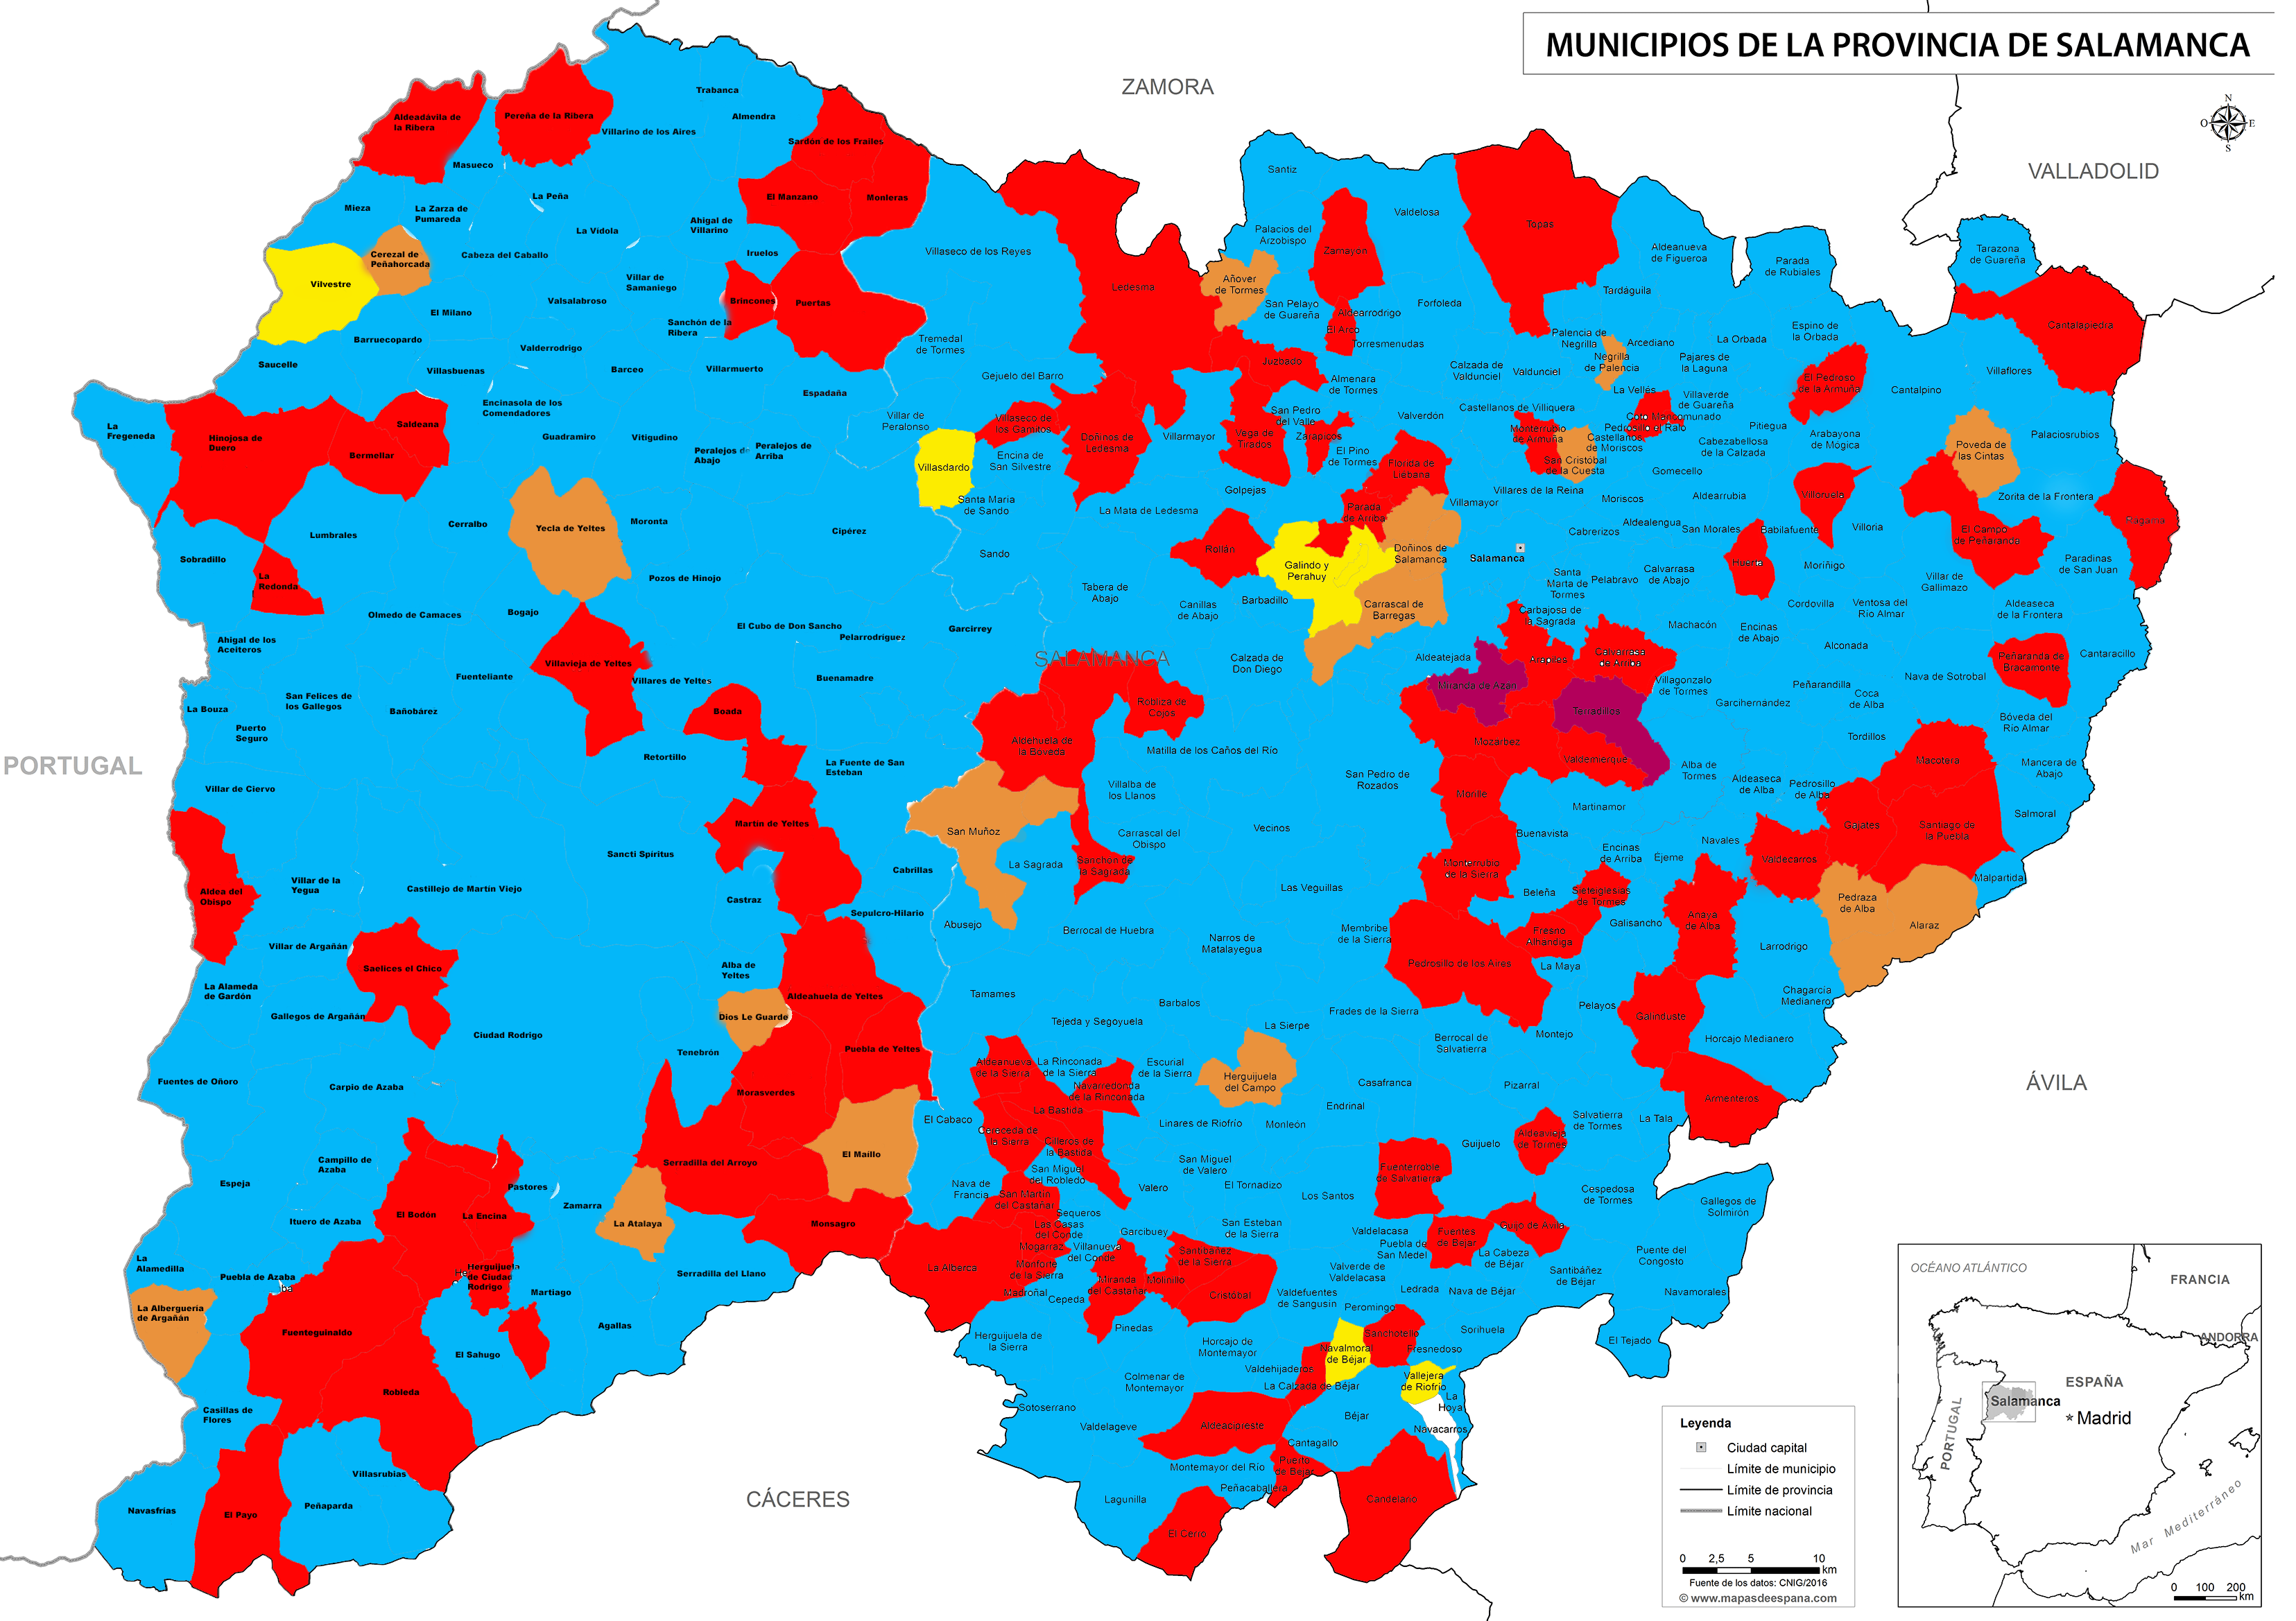 Provincia De Salamanca Mapa.La Provincia Se Tine De Azul En Un Mapa Con Cinco Colores